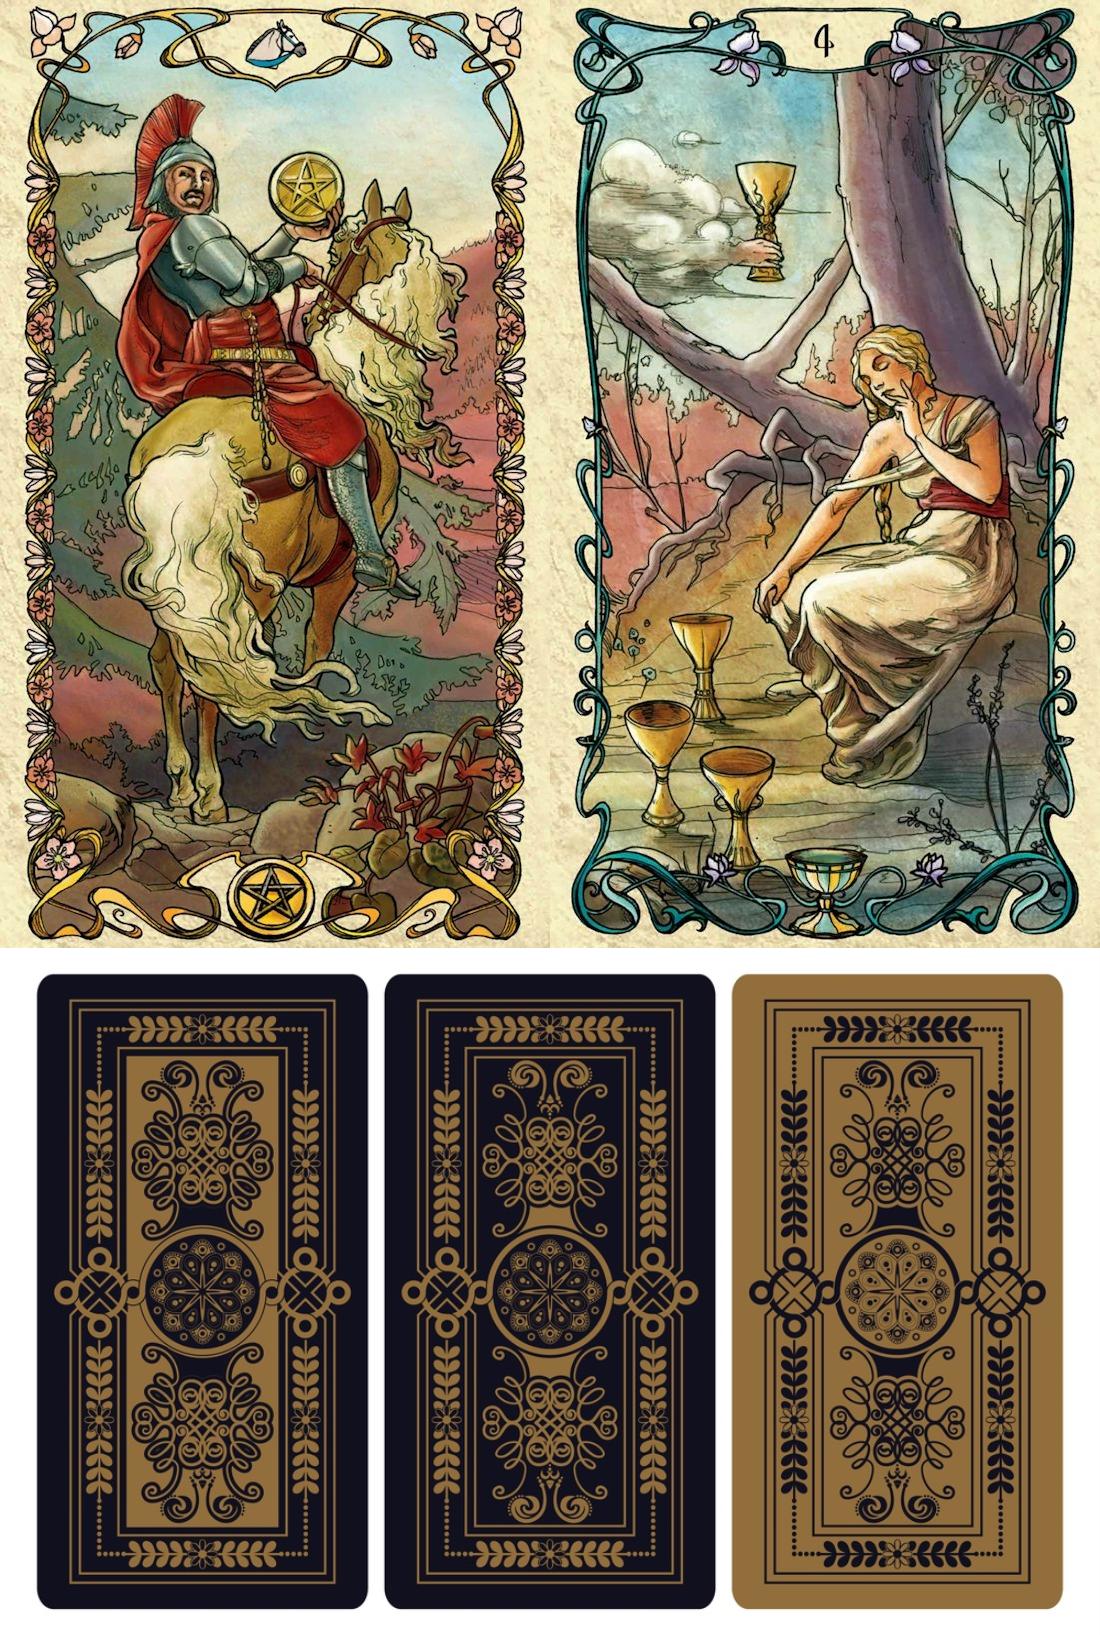 the tarot reader, free tarot reading yes or no and tarot